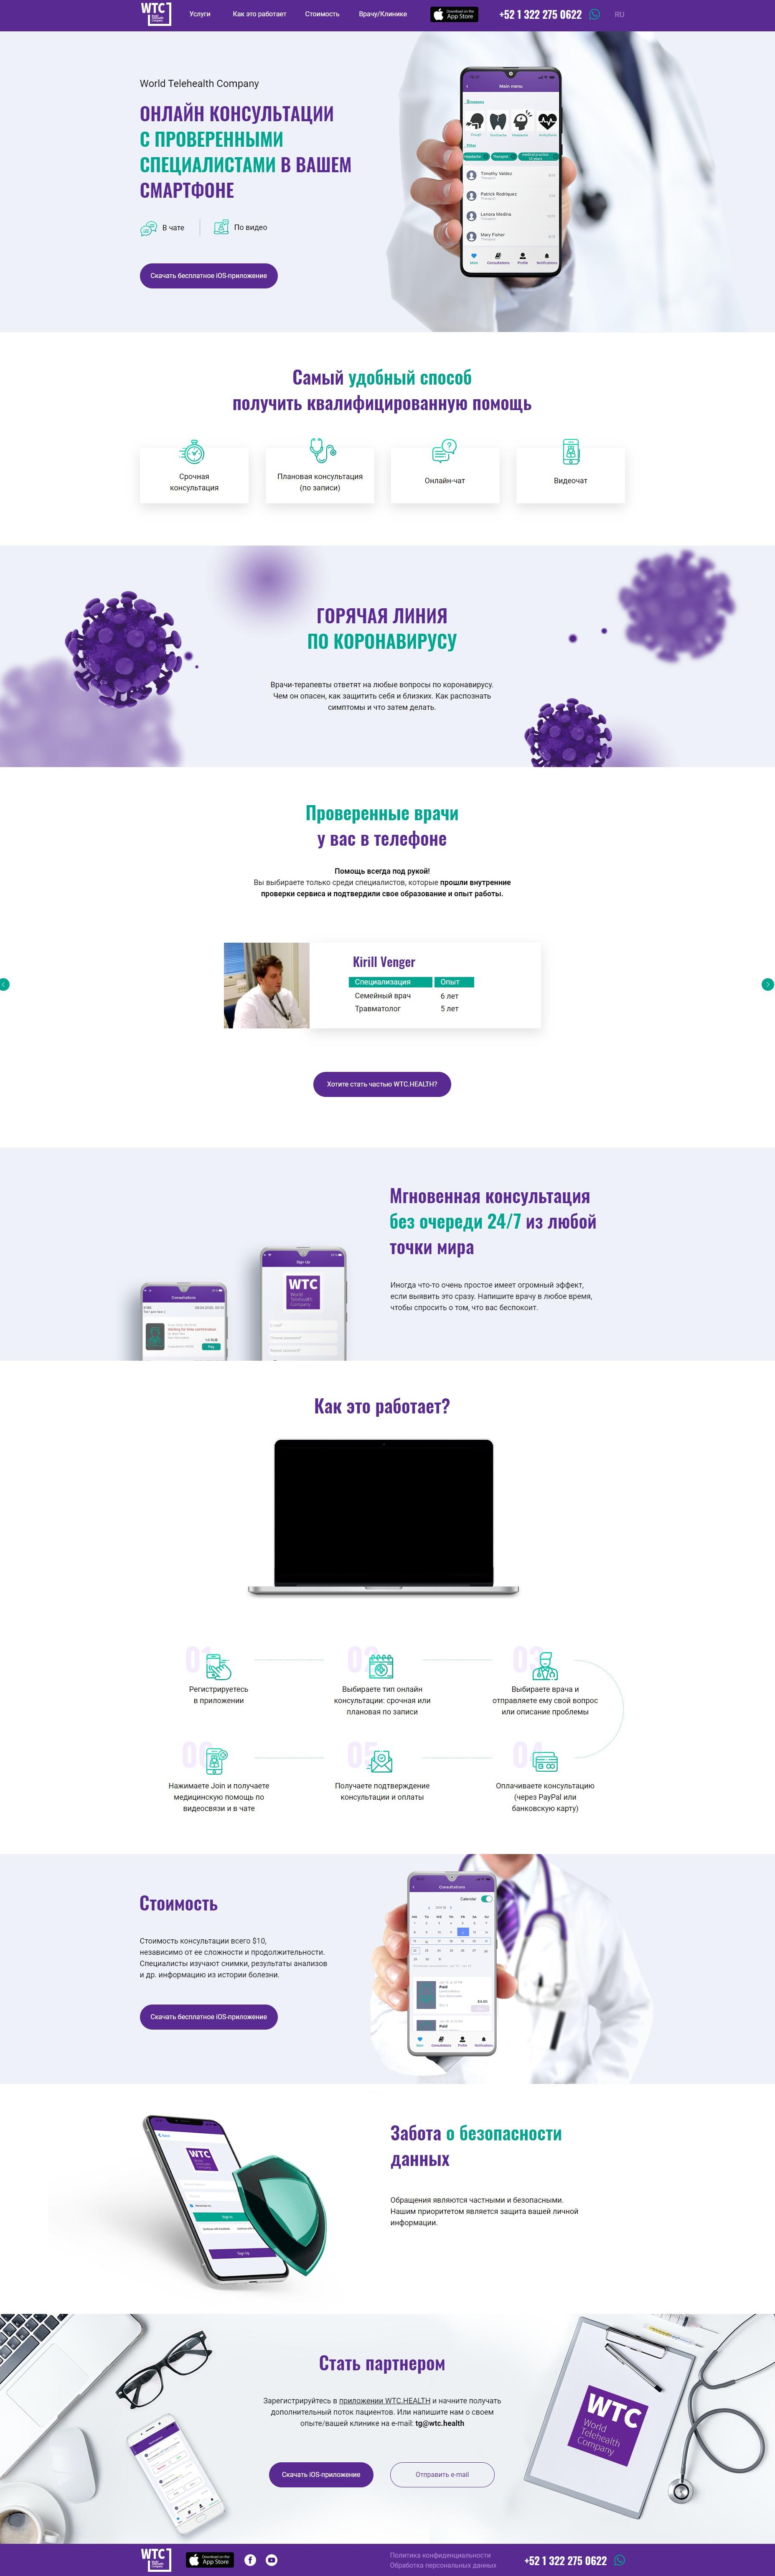 Медицинский сервис. Сайт на tilda